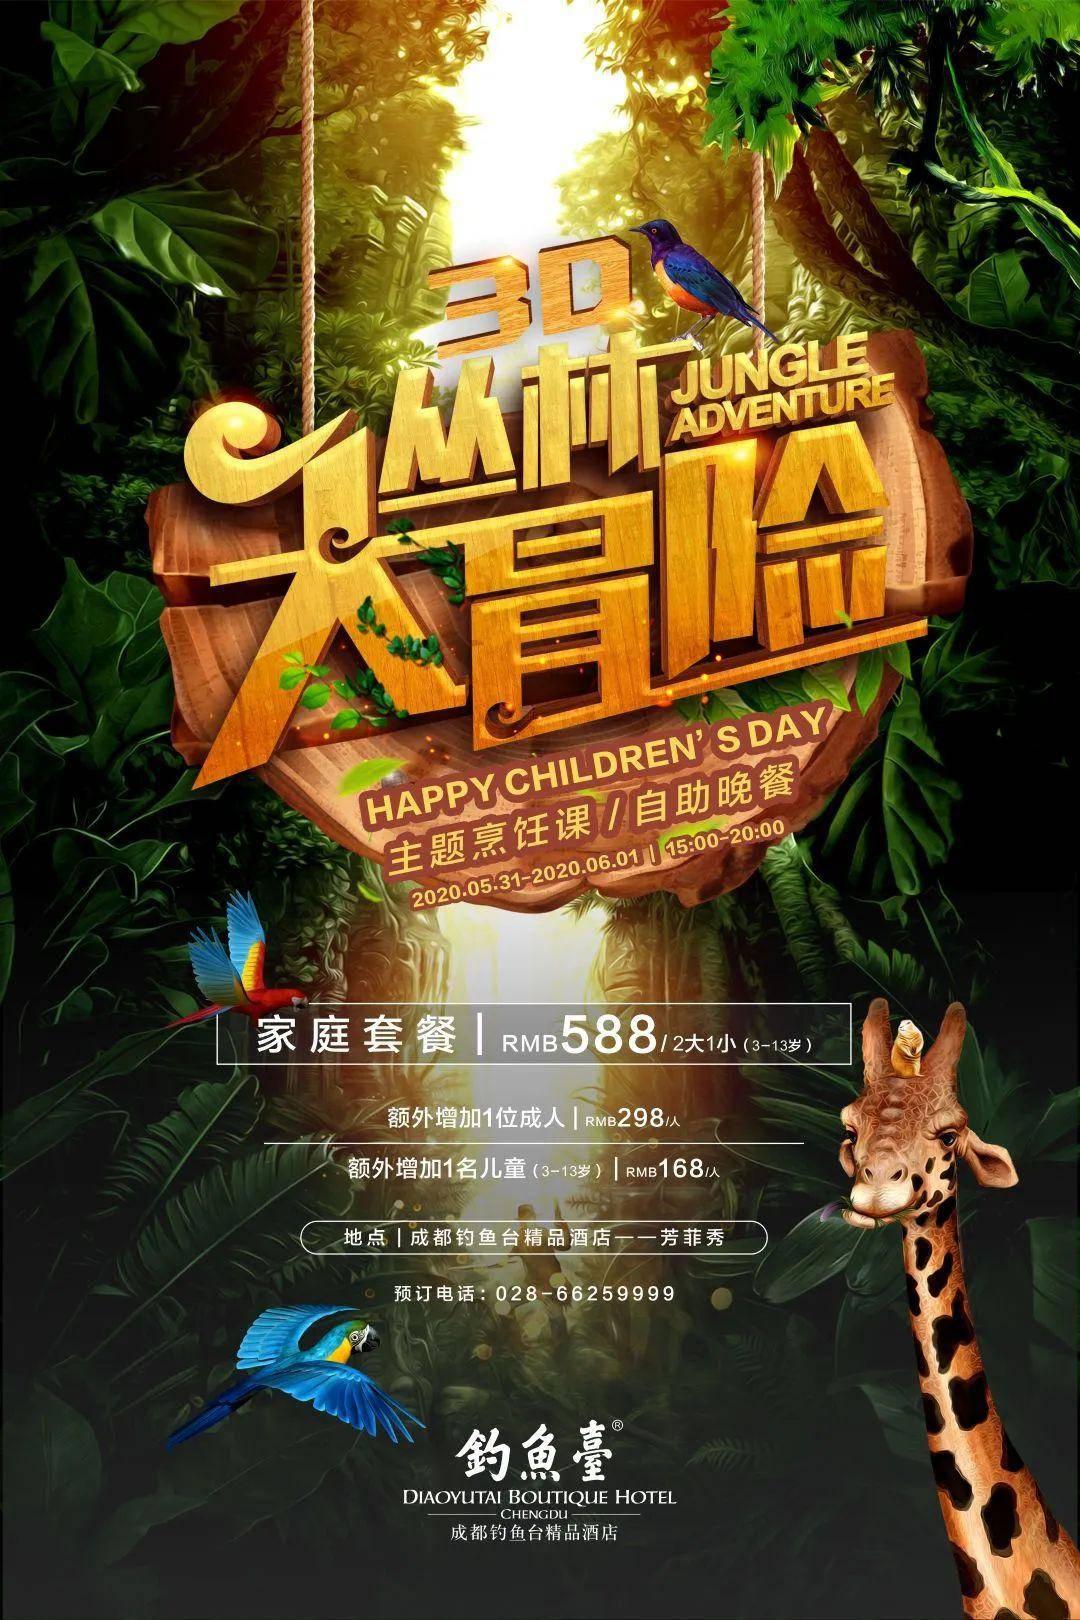 儿童节来啦!水上乐园、3D丛林山谷冒险、亲子大餐...成都一大波高星酒店优惠多